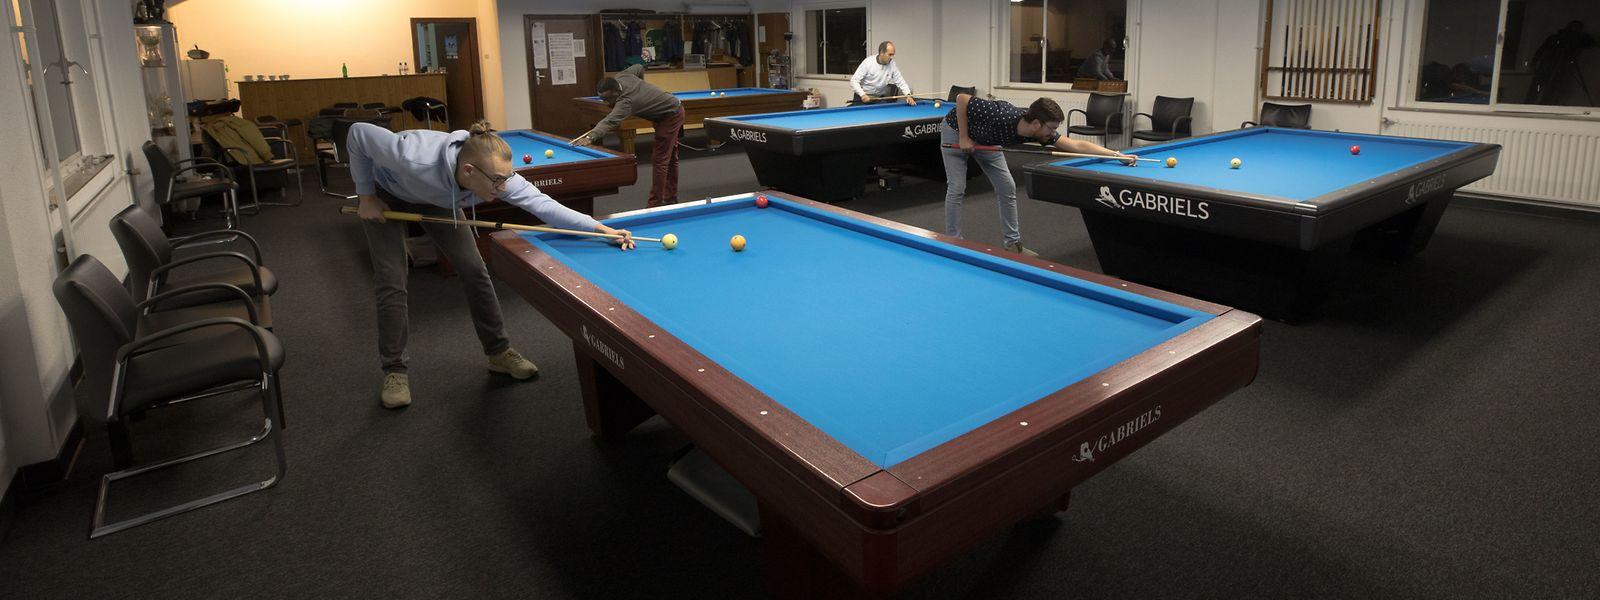 Der neu renovierte Raum der Académie de Billard in Rümelingen wird es ermöglichen, dass hier Europacup-Spiele ausgetragen werden.